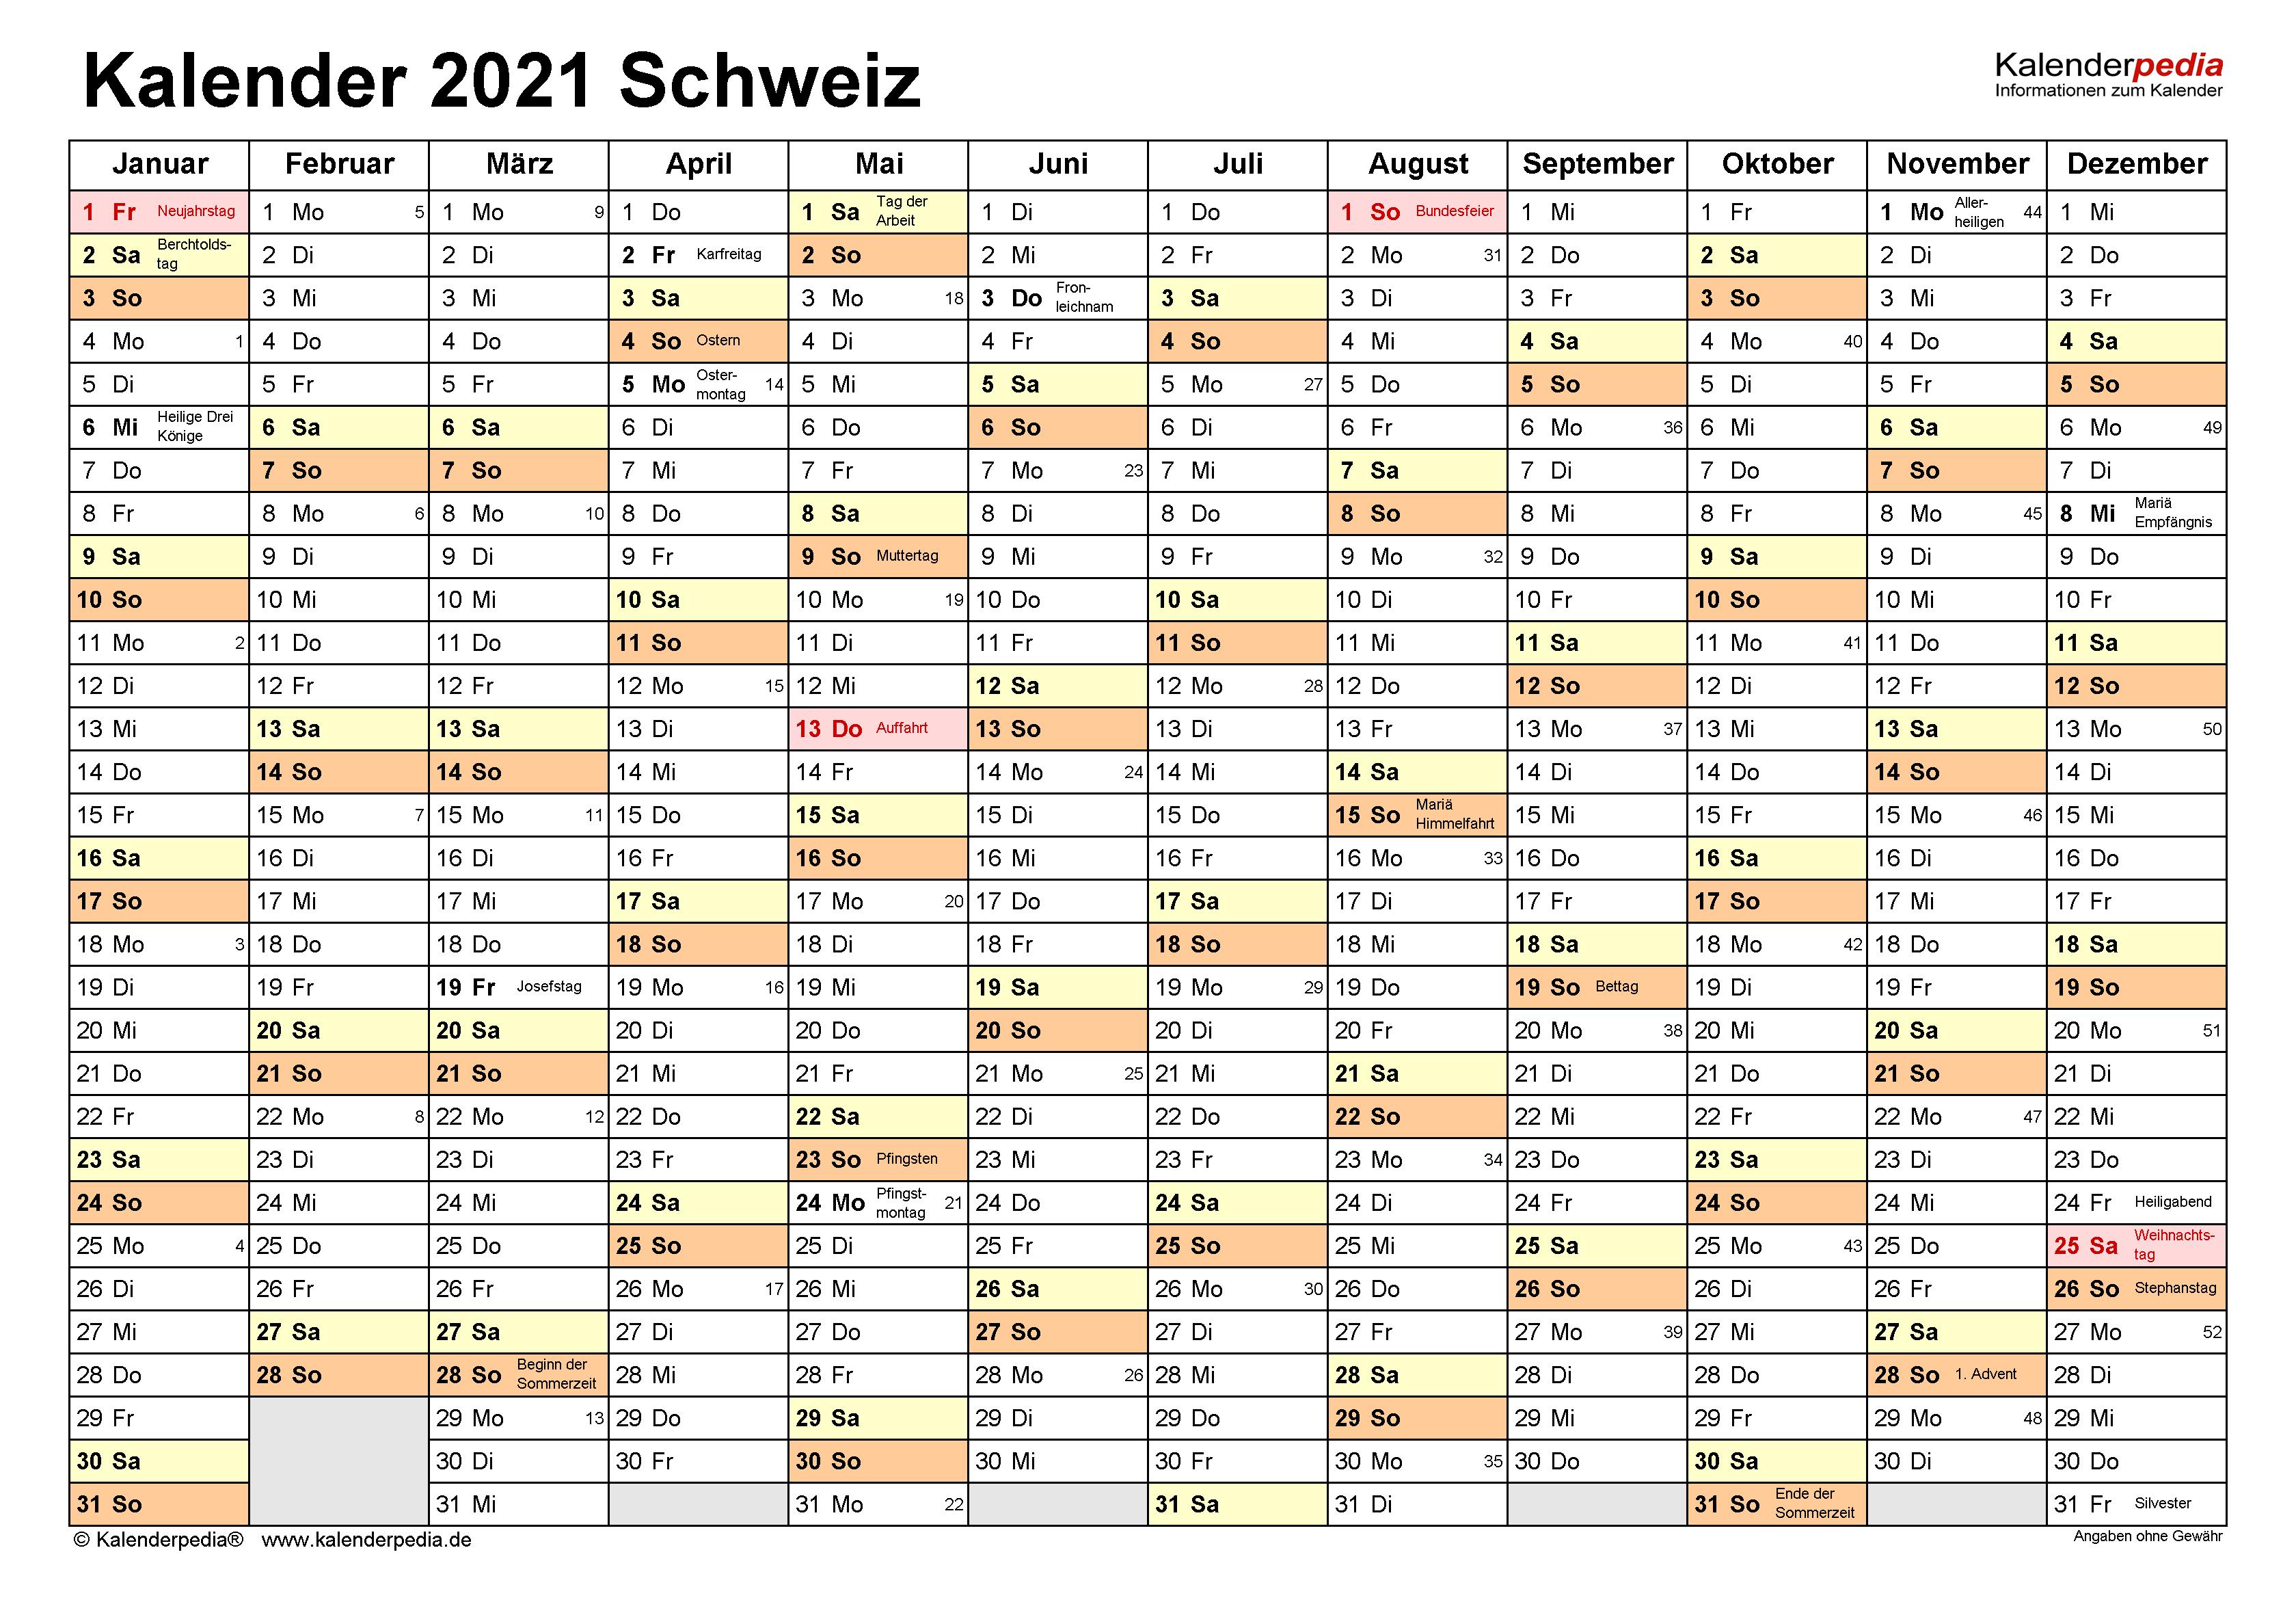 Kalender 2021 Schweiz für Word zum Ausdrucken